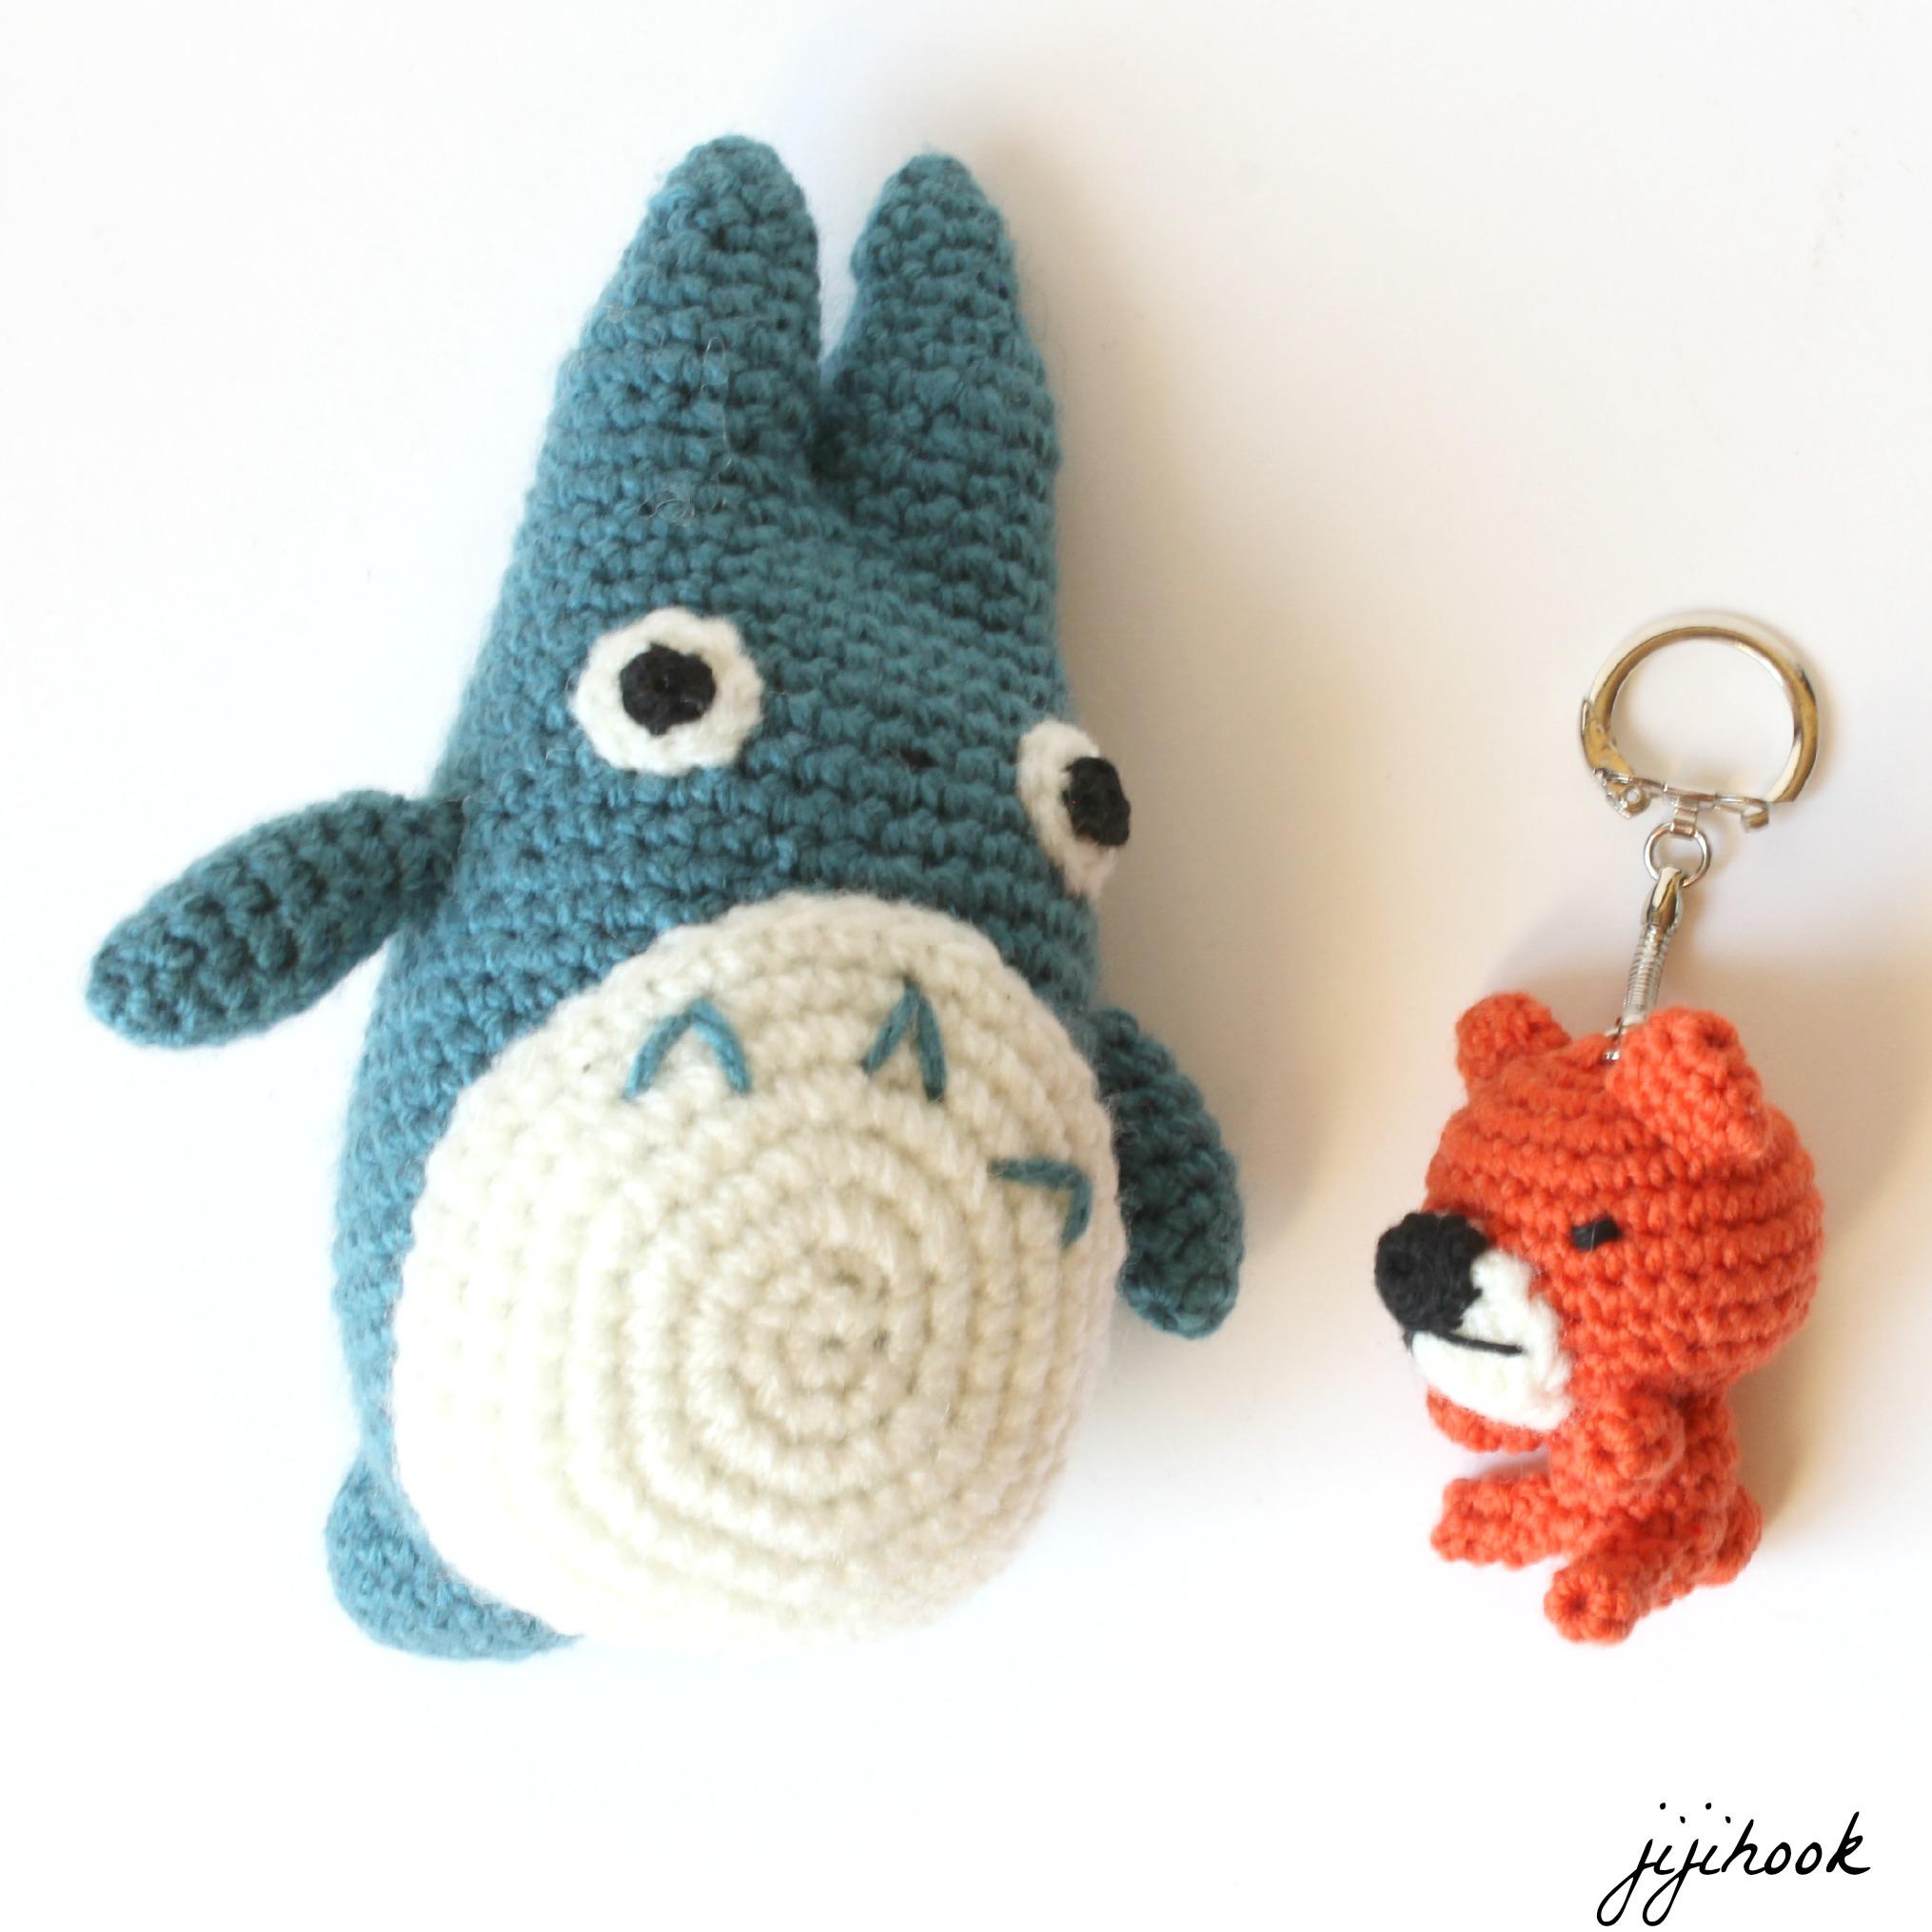 Porte cl ourson en crochet jiji hook - Porte cle crochet ...